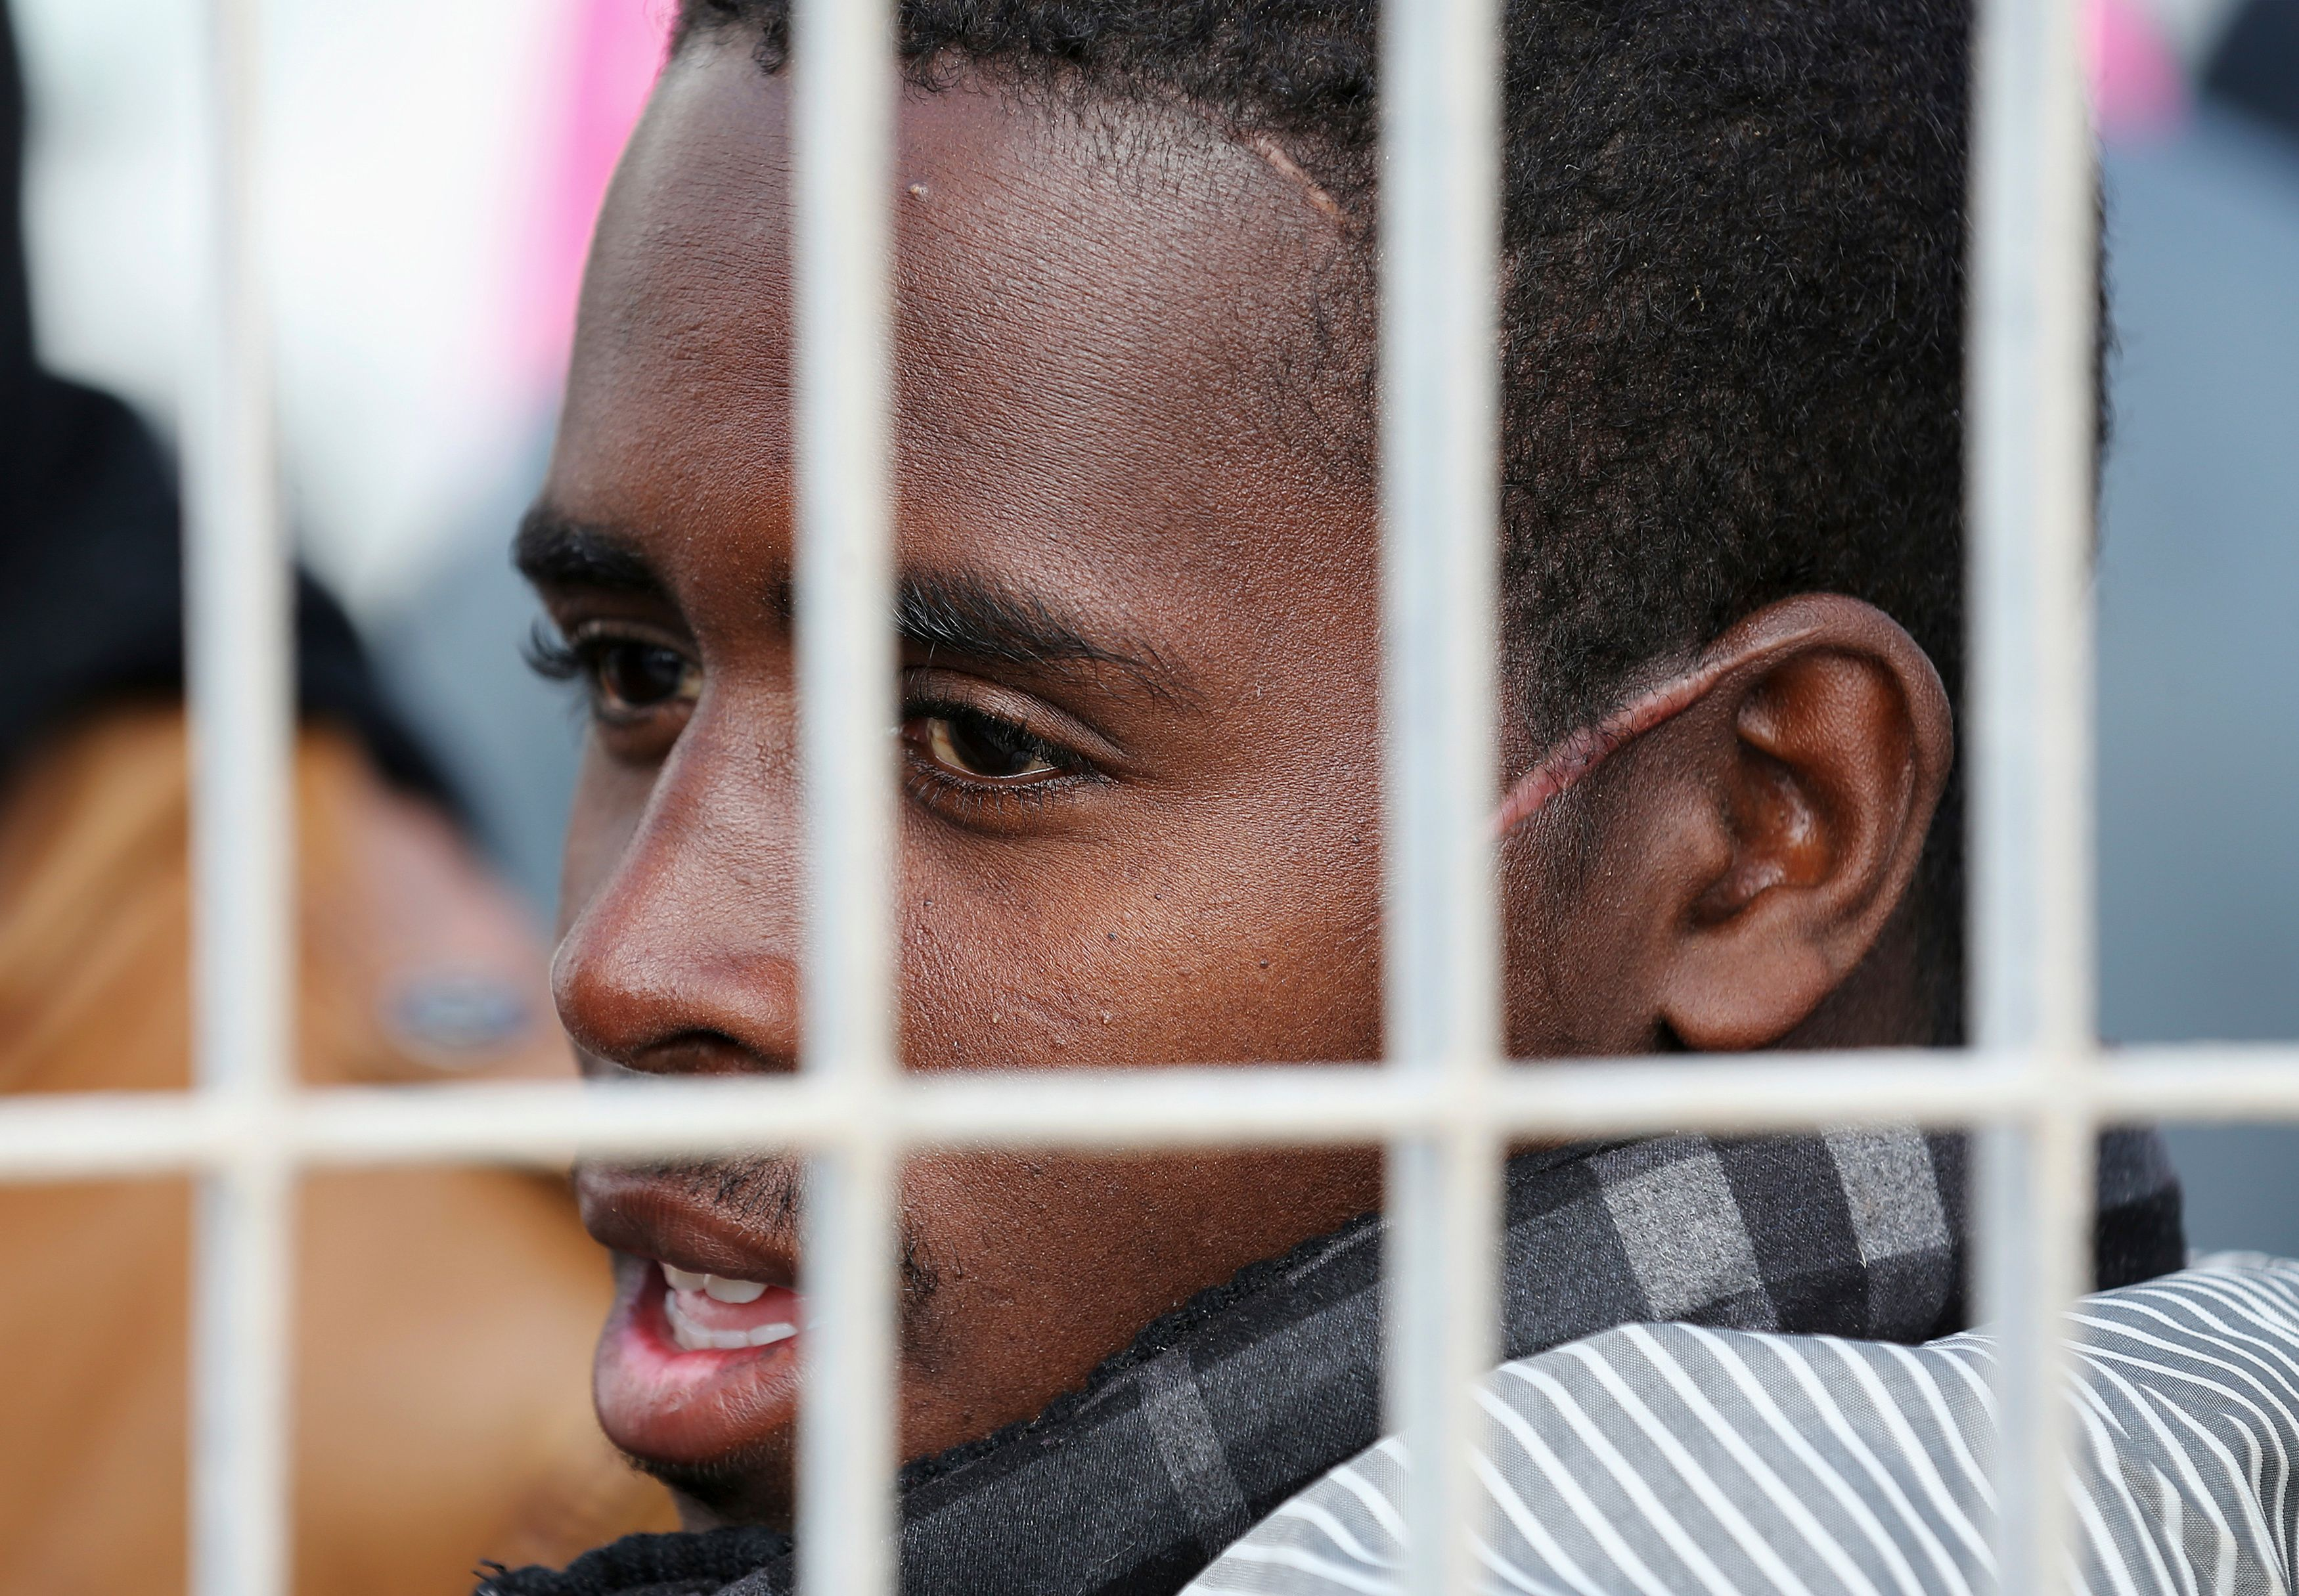 Un survivant à un naufrage placé dans un camps de réfugié en Italie.